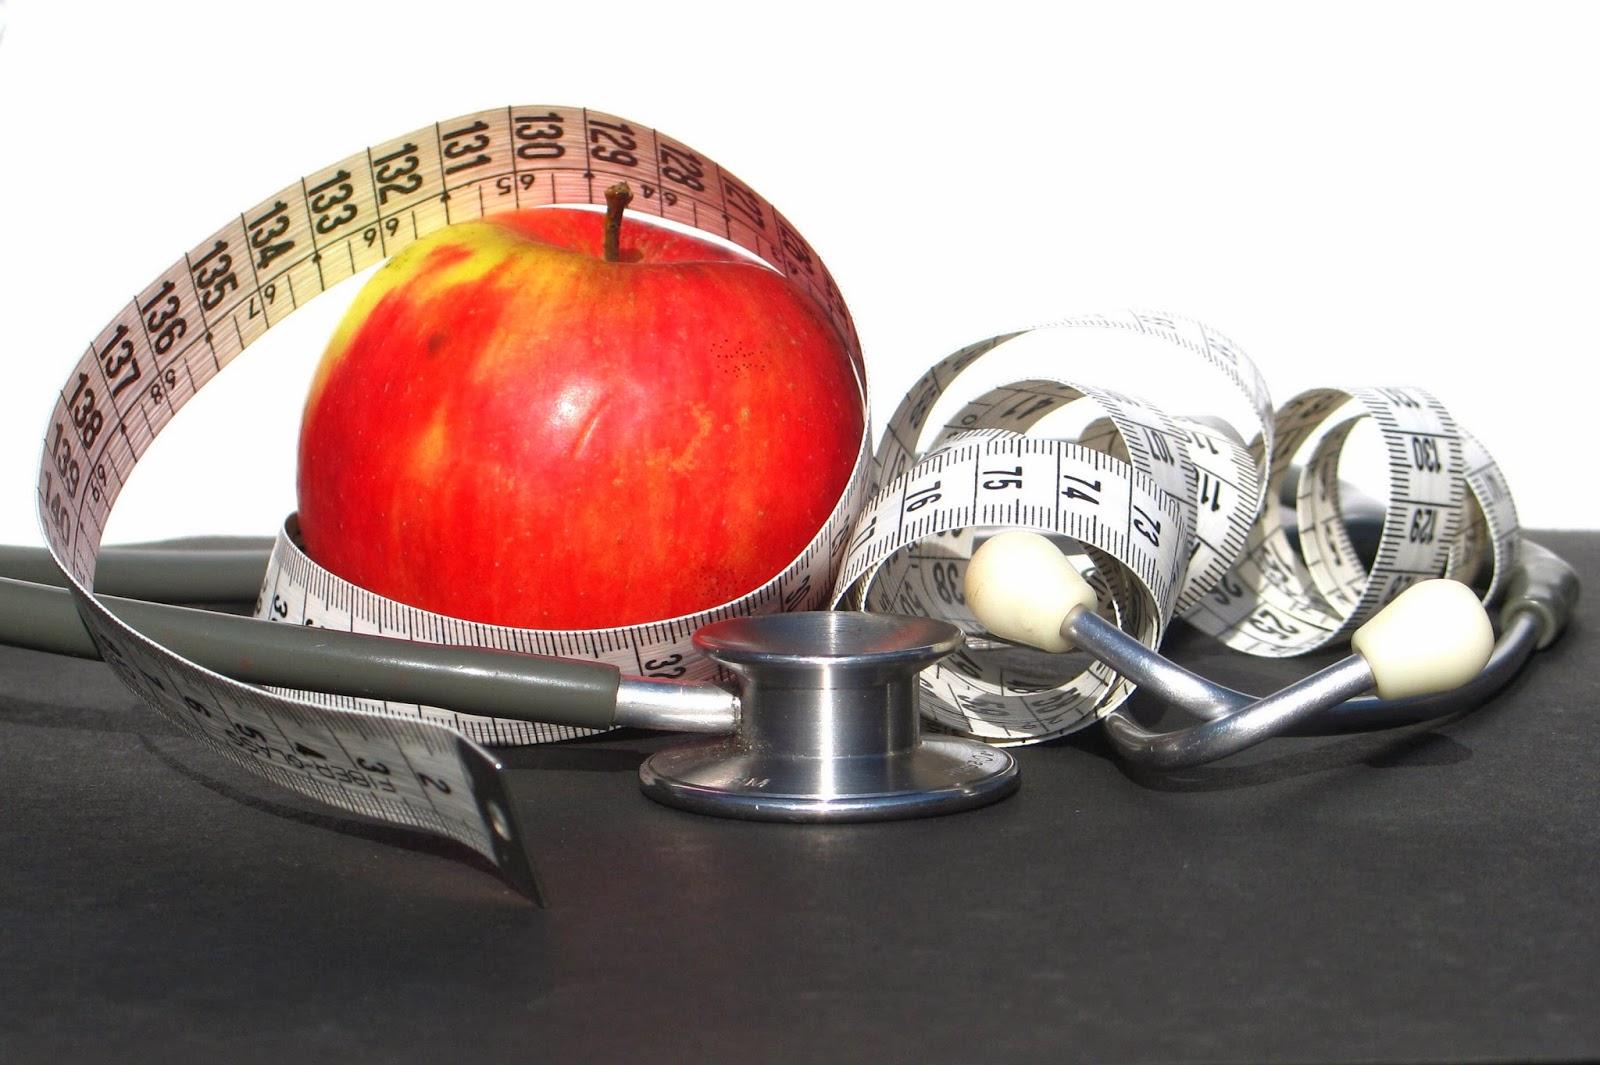 Importancia del control del peso y de la prevención de la obesidad